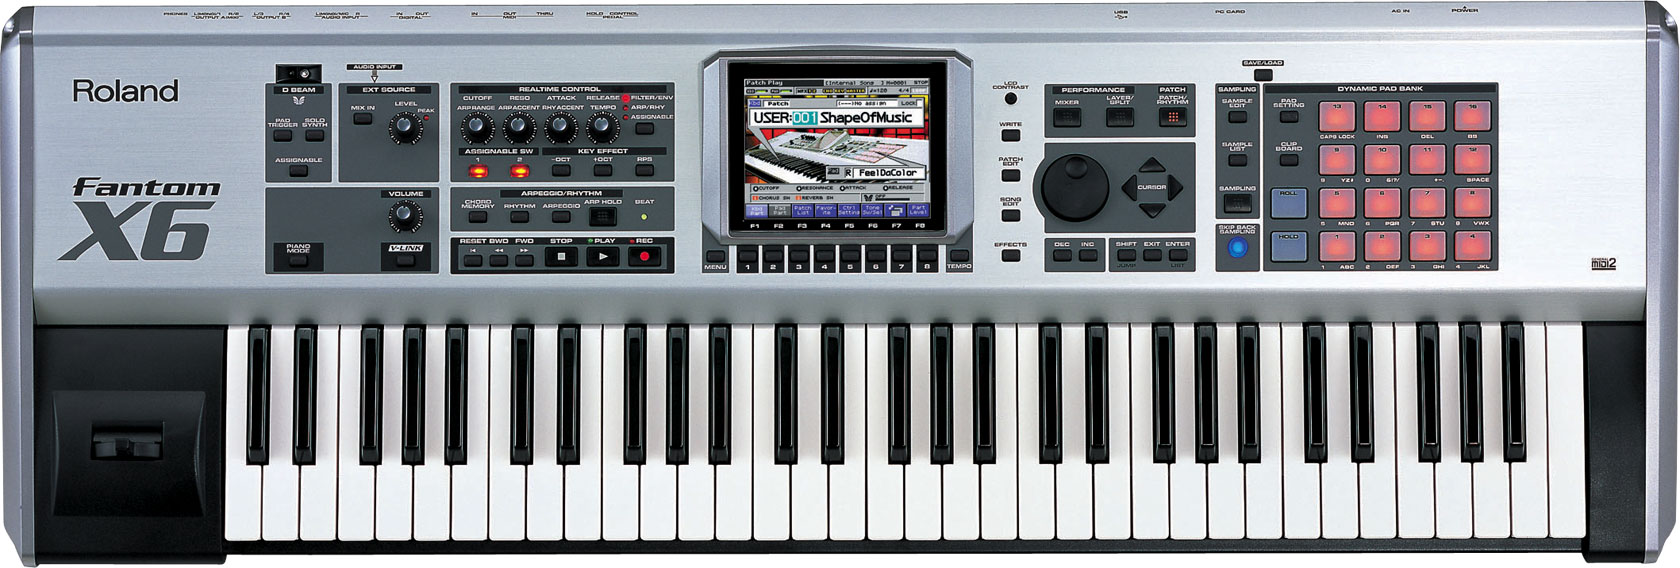 roland fantom x6 workstation keyboard. Black Bedroom Furniture Sets. Home Design Ideas